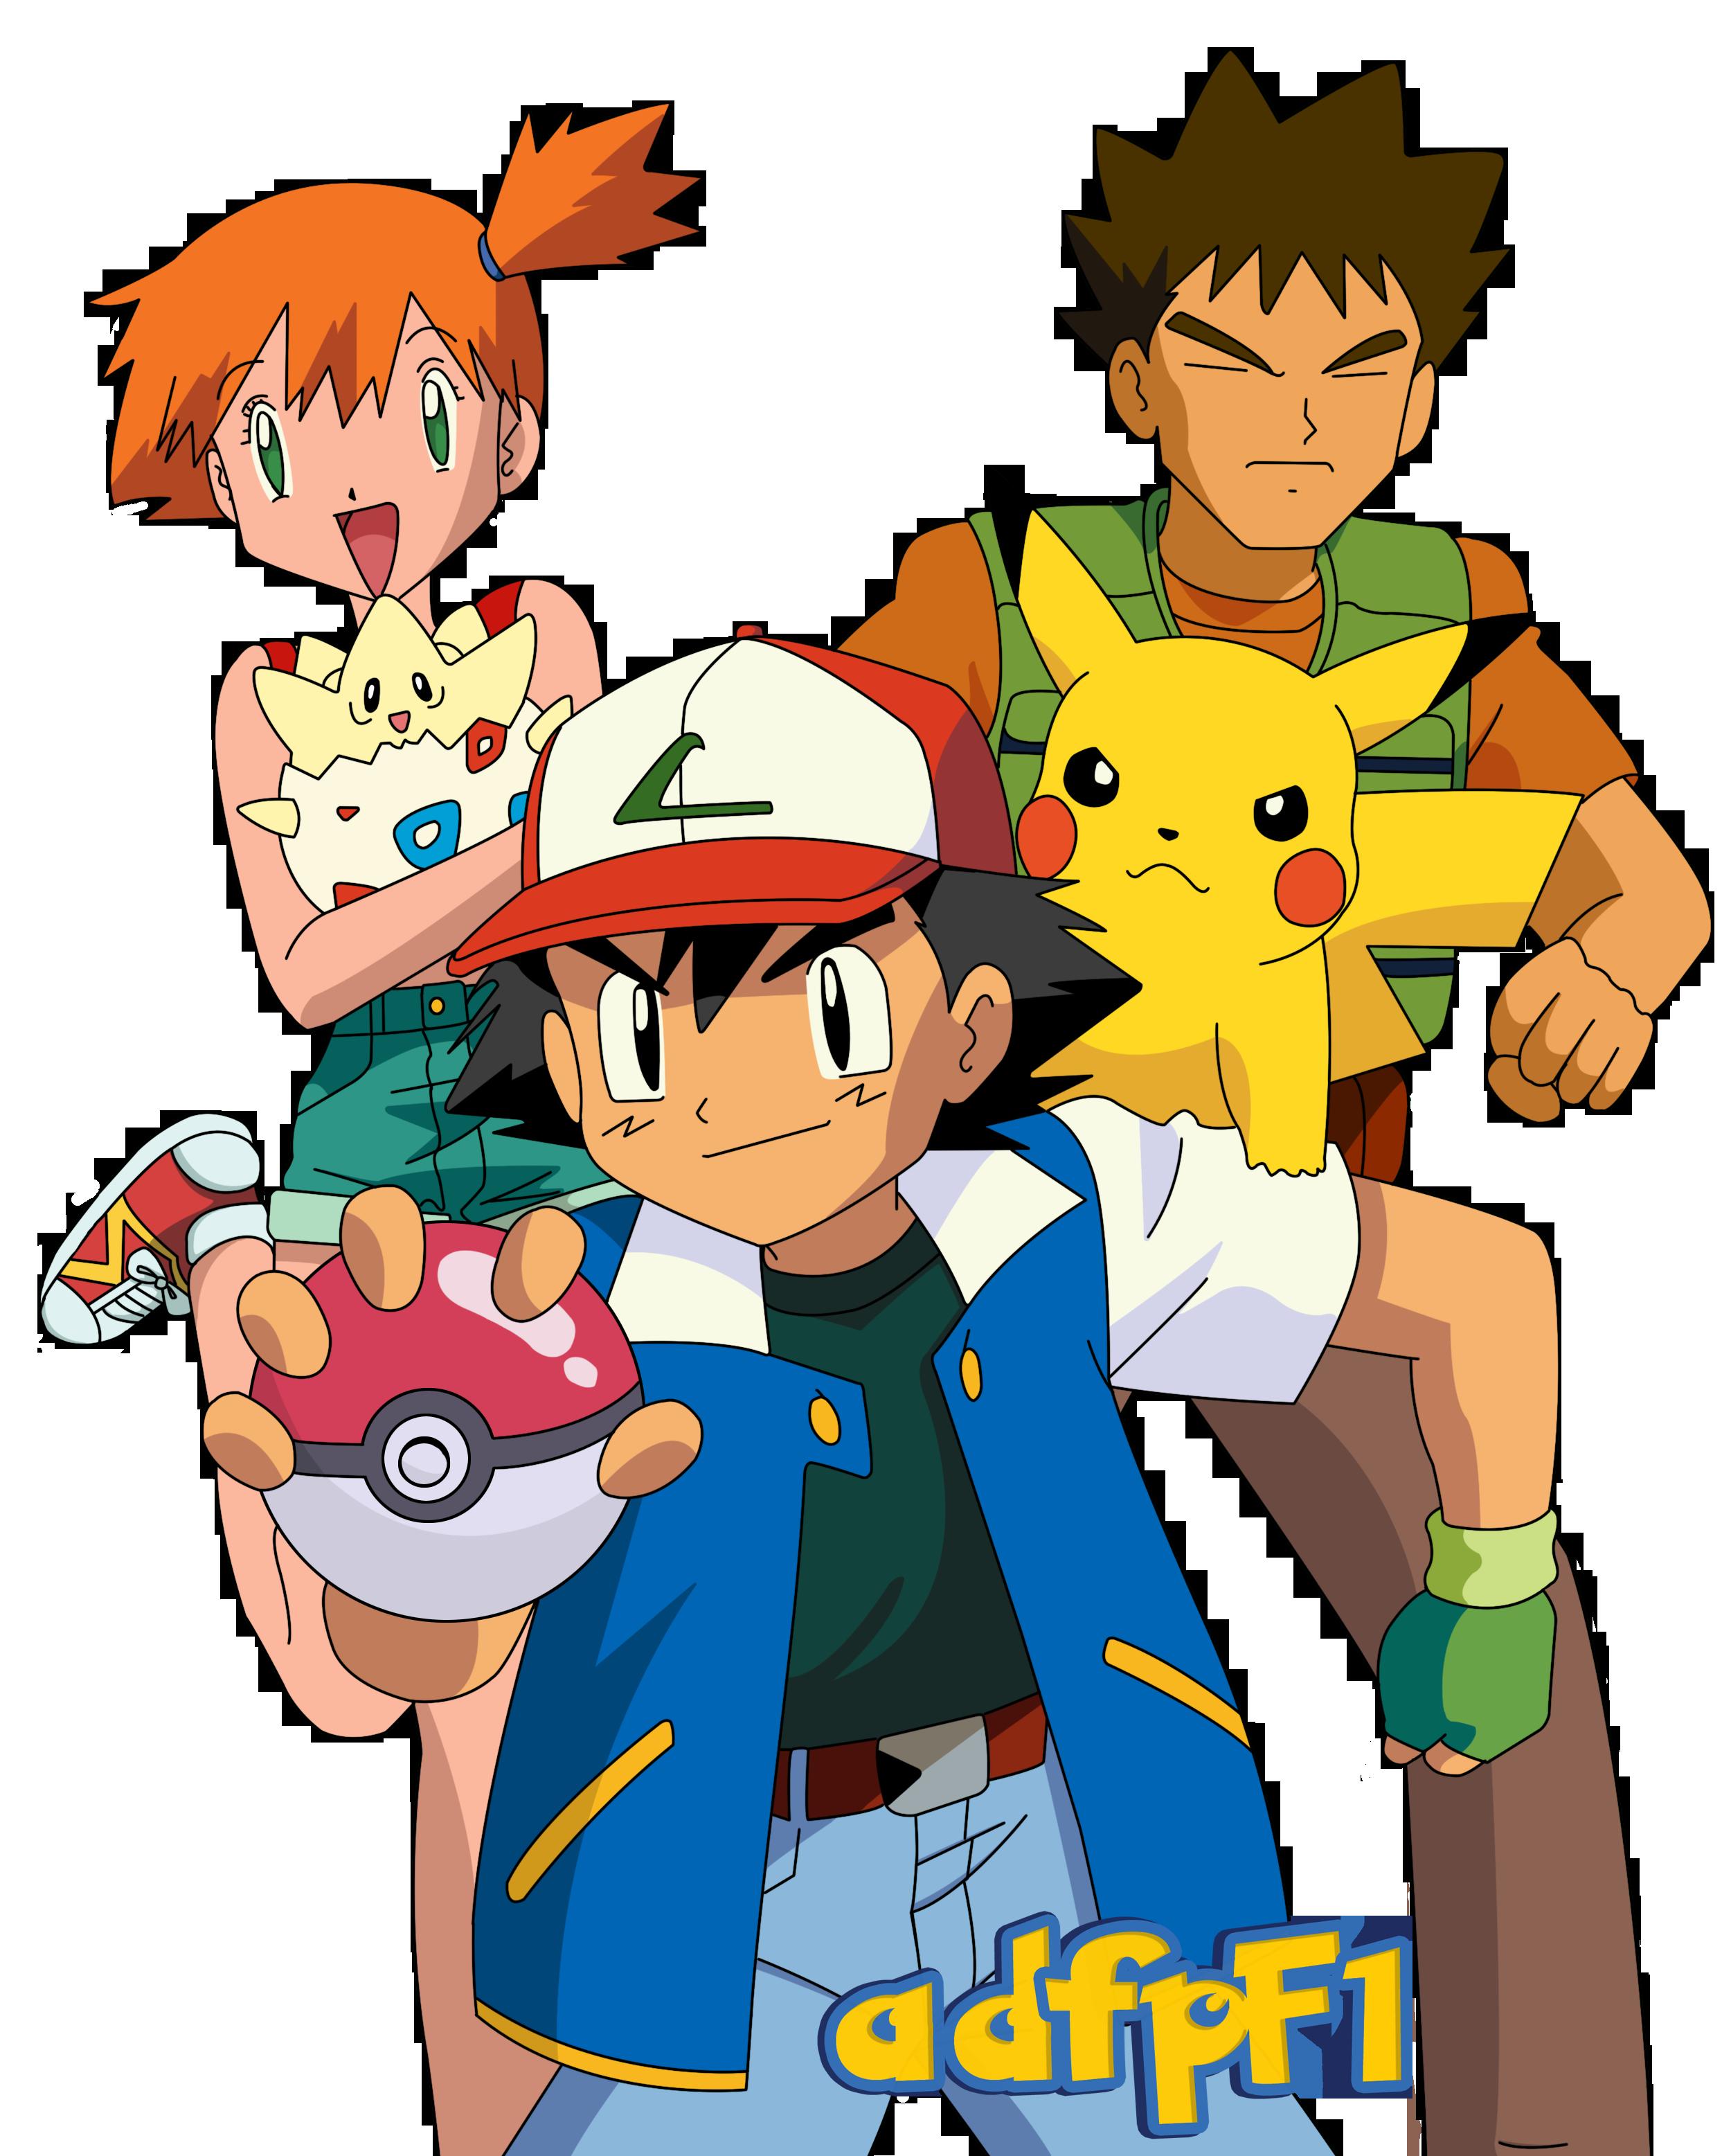 Ash Misty Brock Pikachu Y Togepi By Adfpf1 On Deviantart Pokemon Ash And Misty Cute Pokemon Pokemon